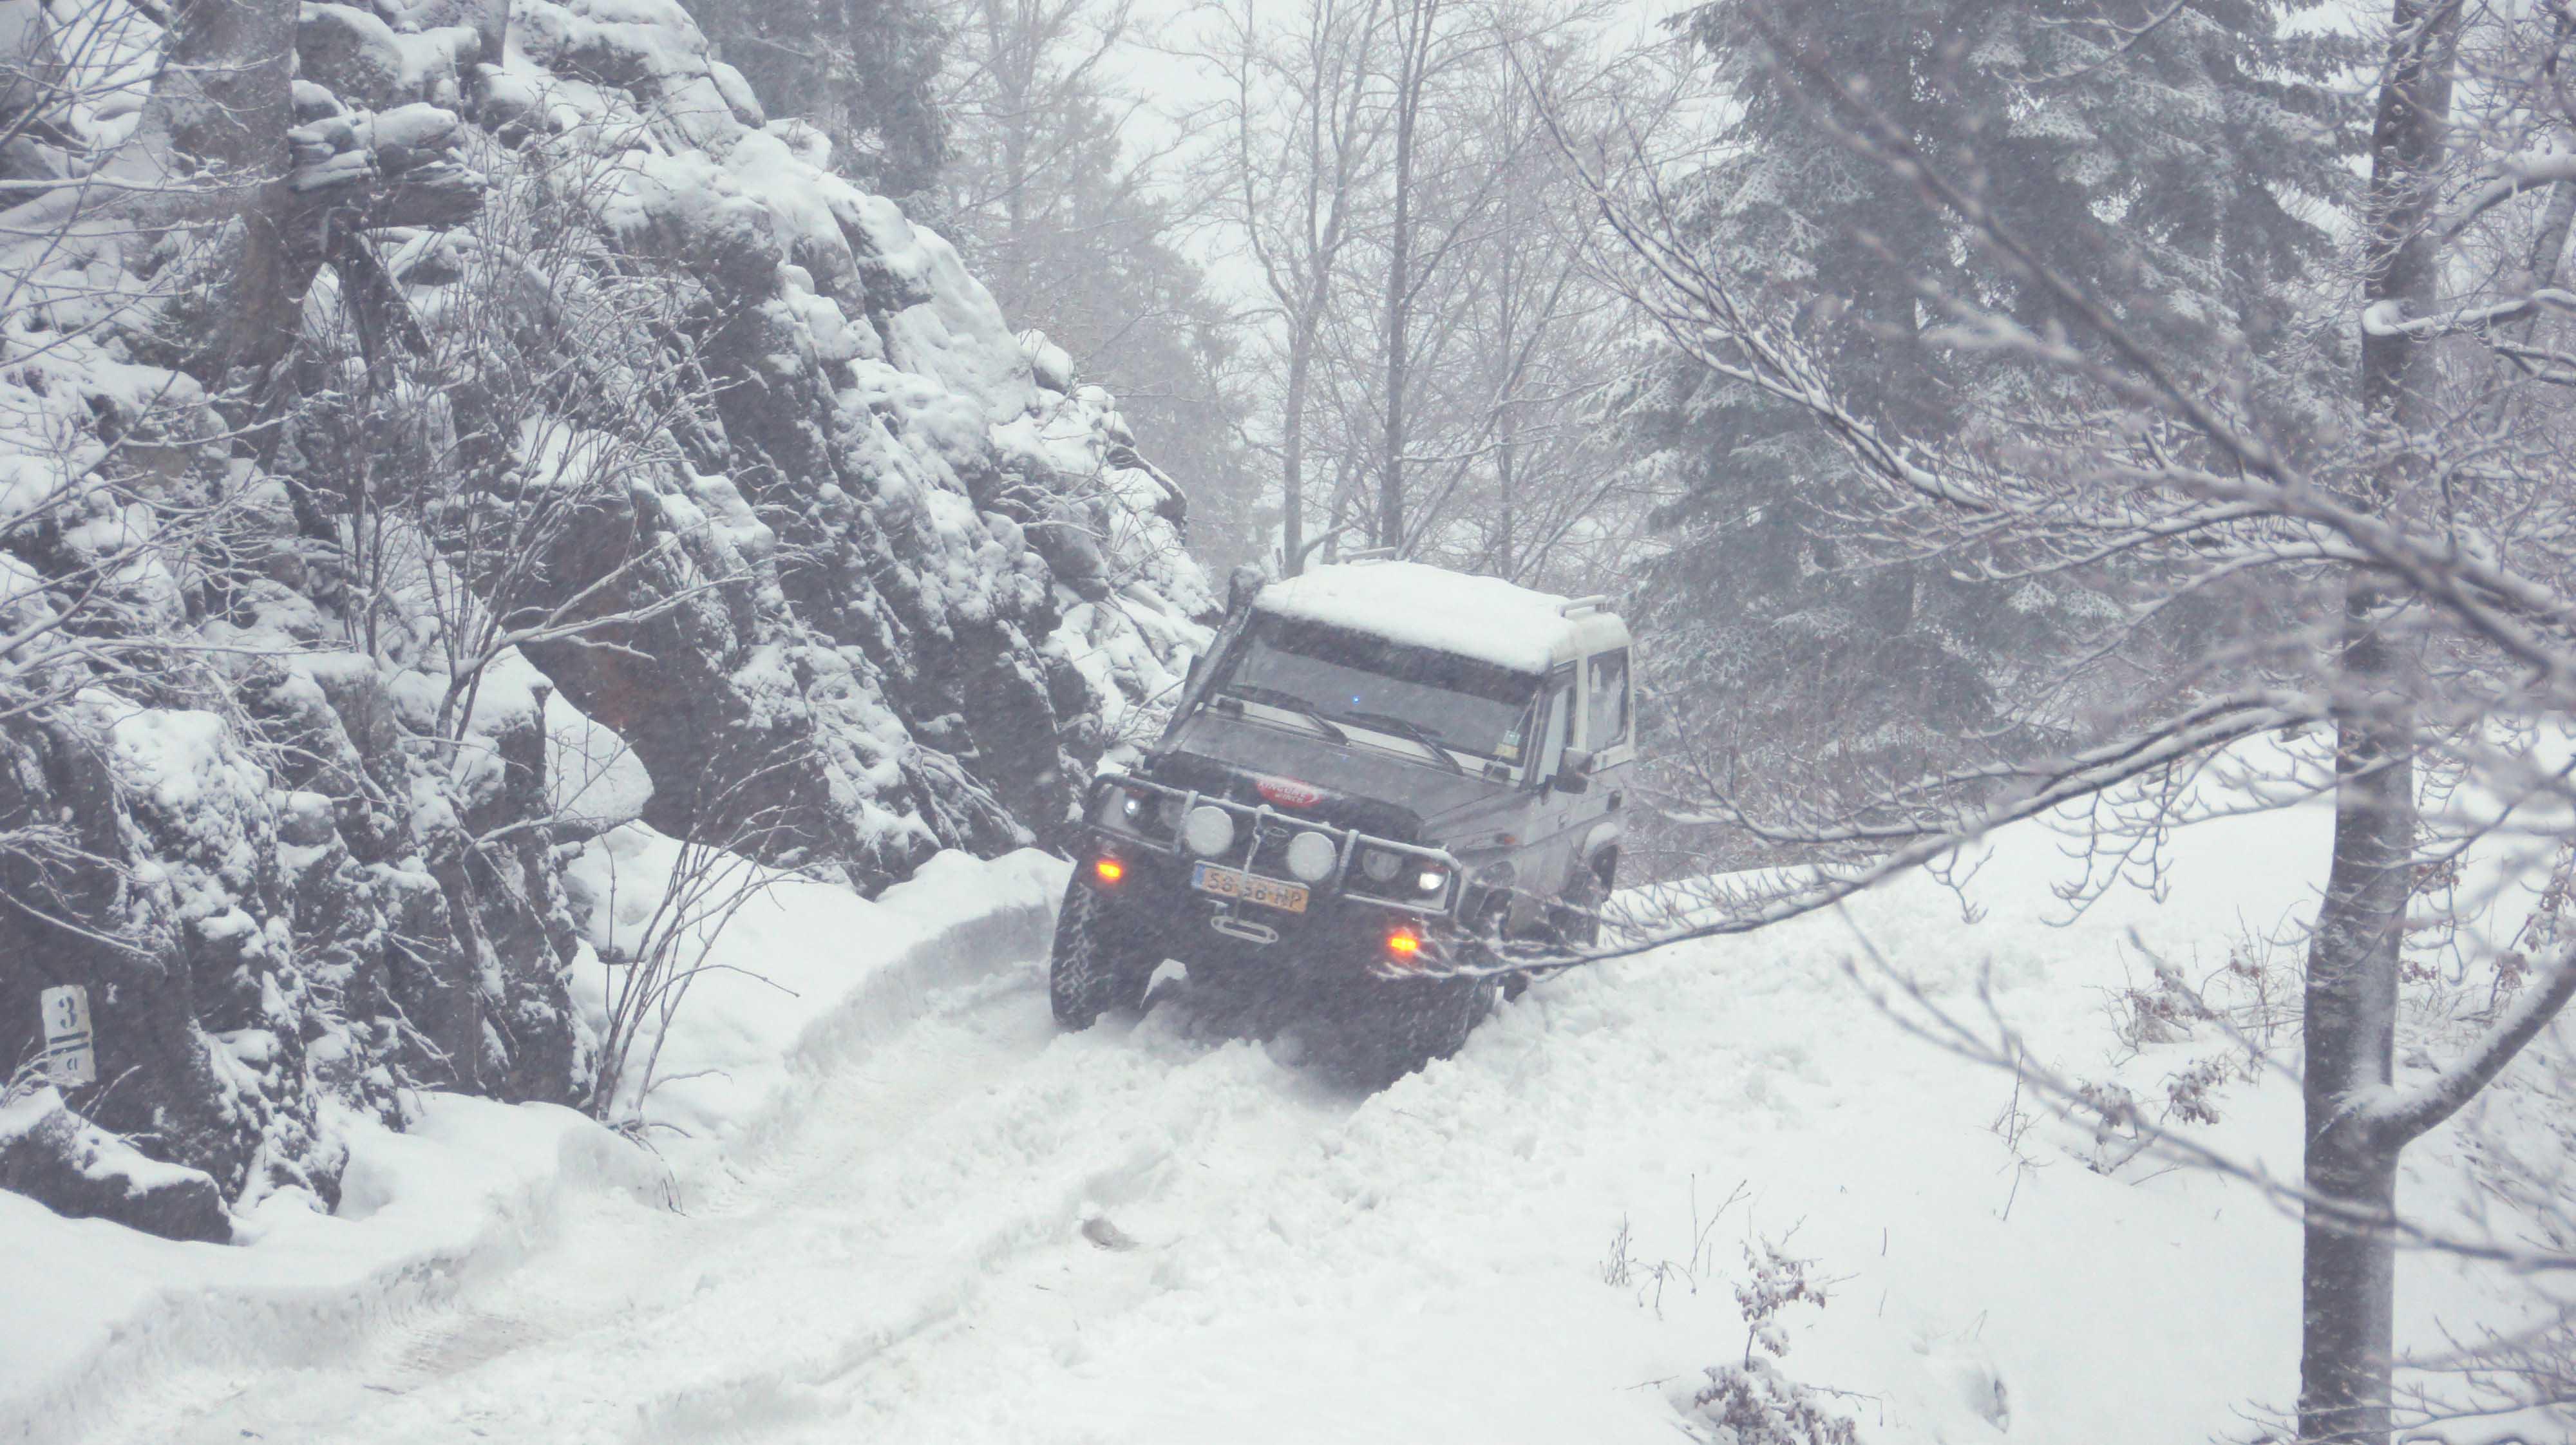 Roemenië Sneeuw